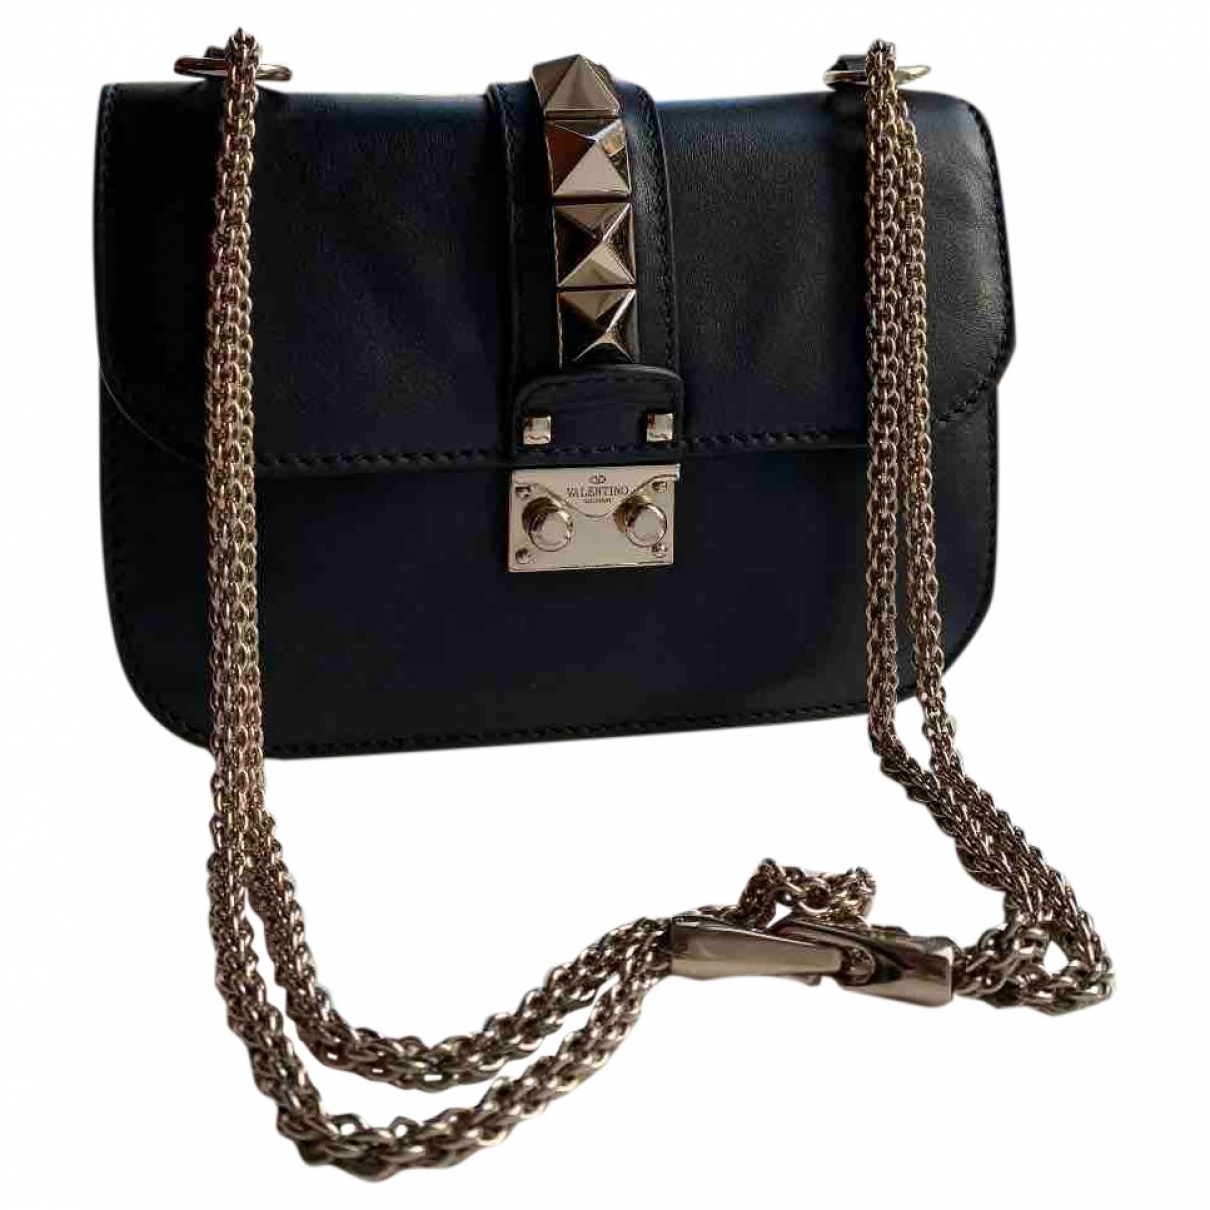 Valentino Garavani Glam Lock Handtasche in  Schwarz Leder